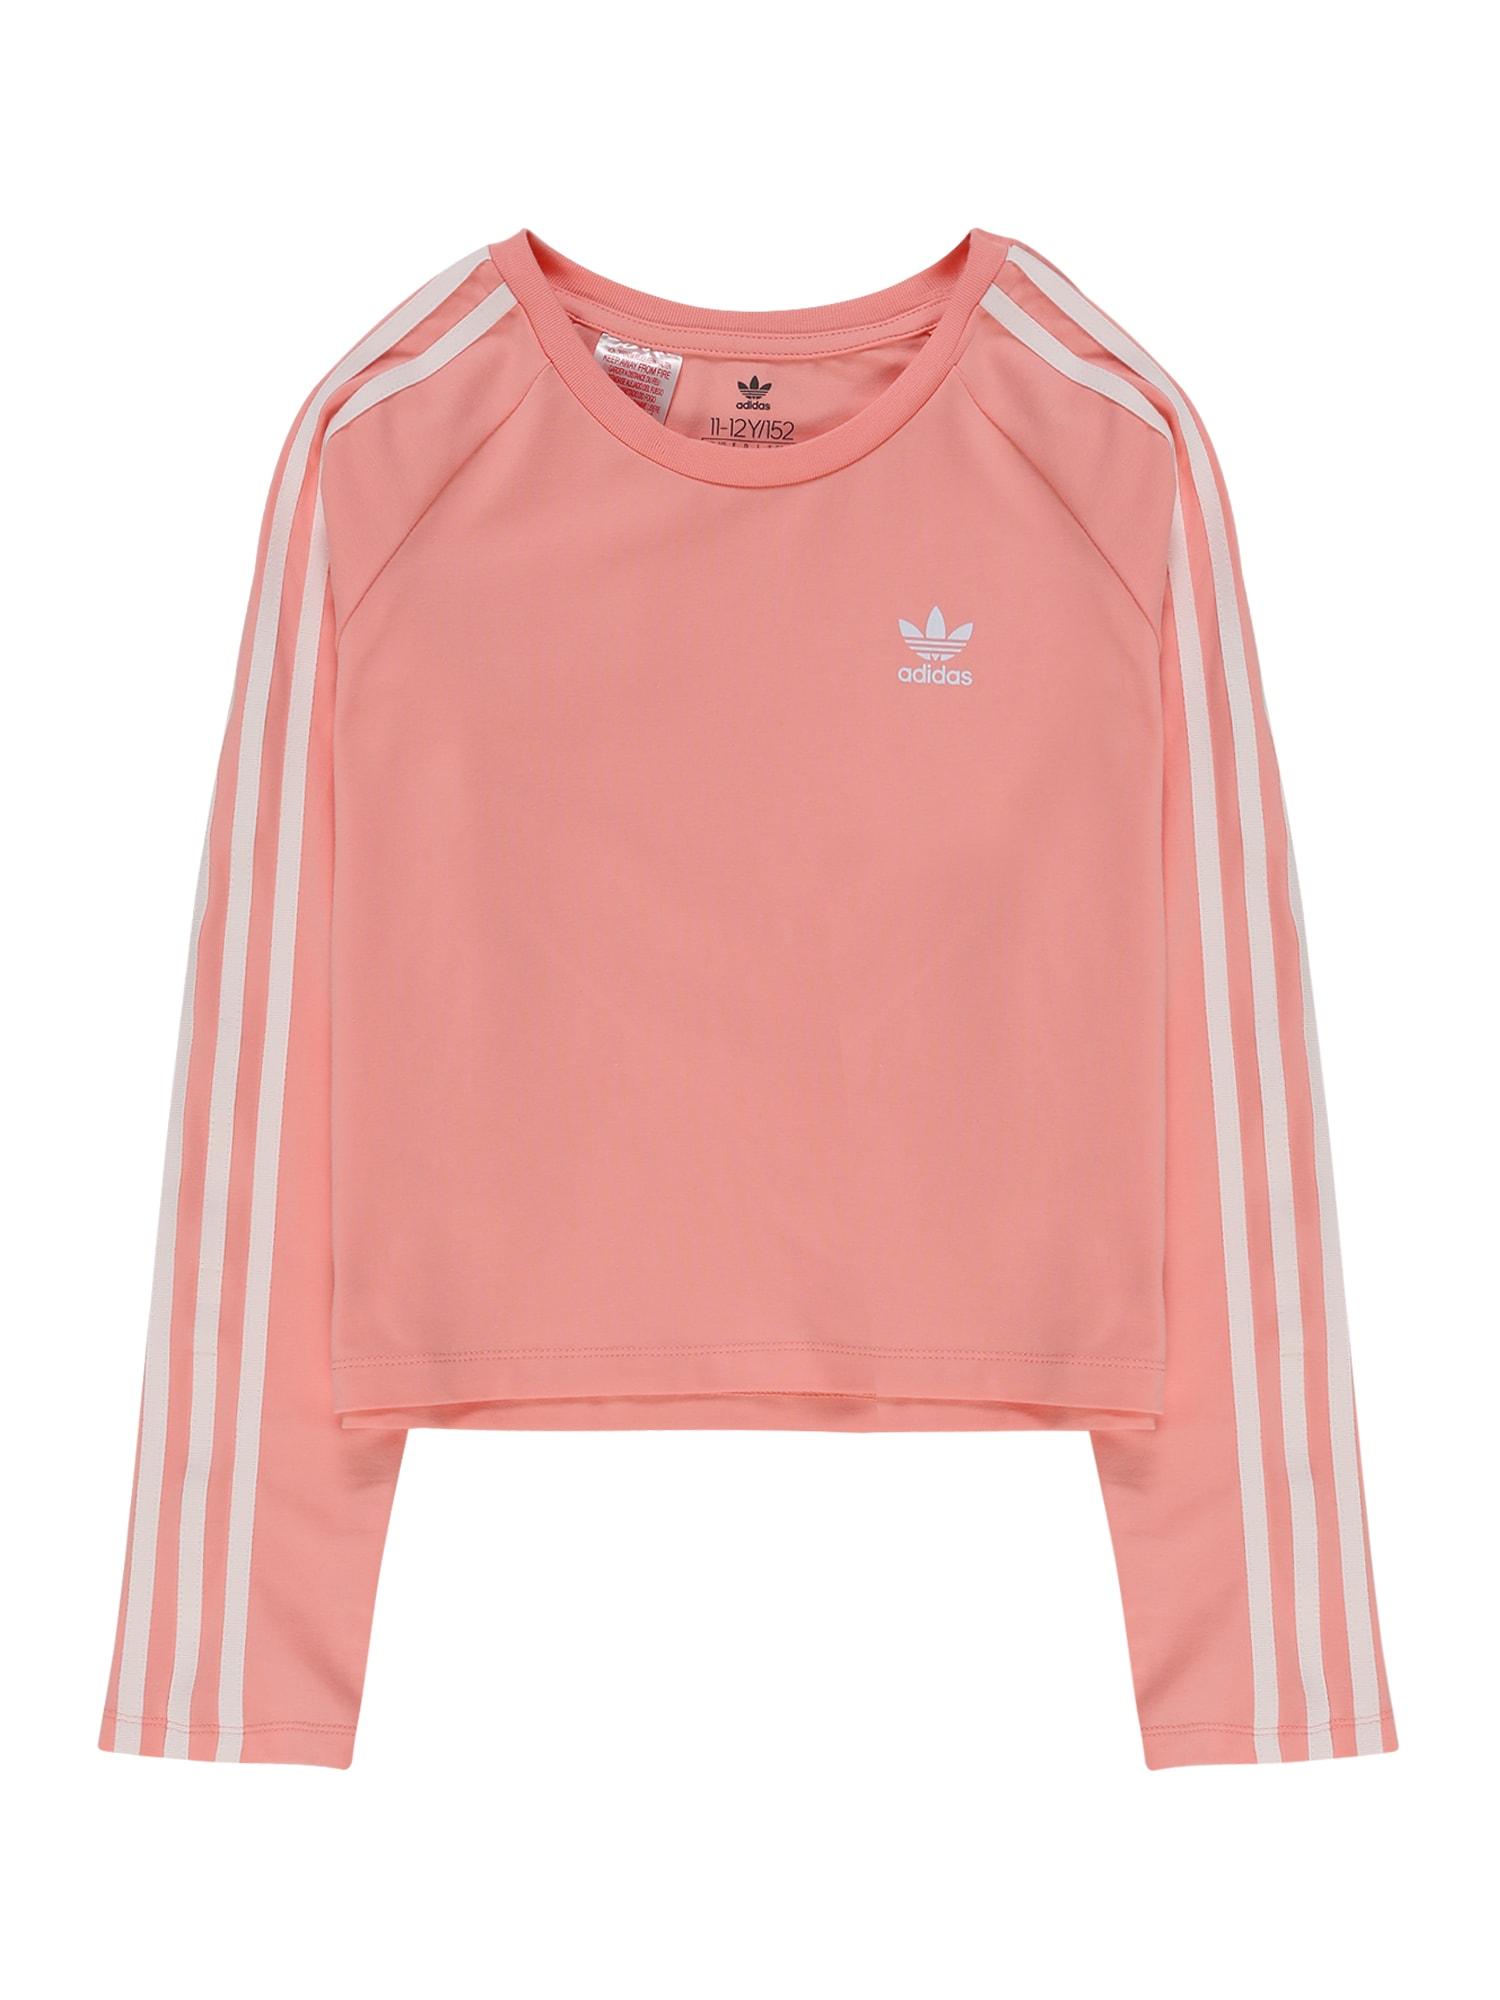 ADIDAS ORIGINALS Sportiniai marškinėliai '3STRIPES' rožinė